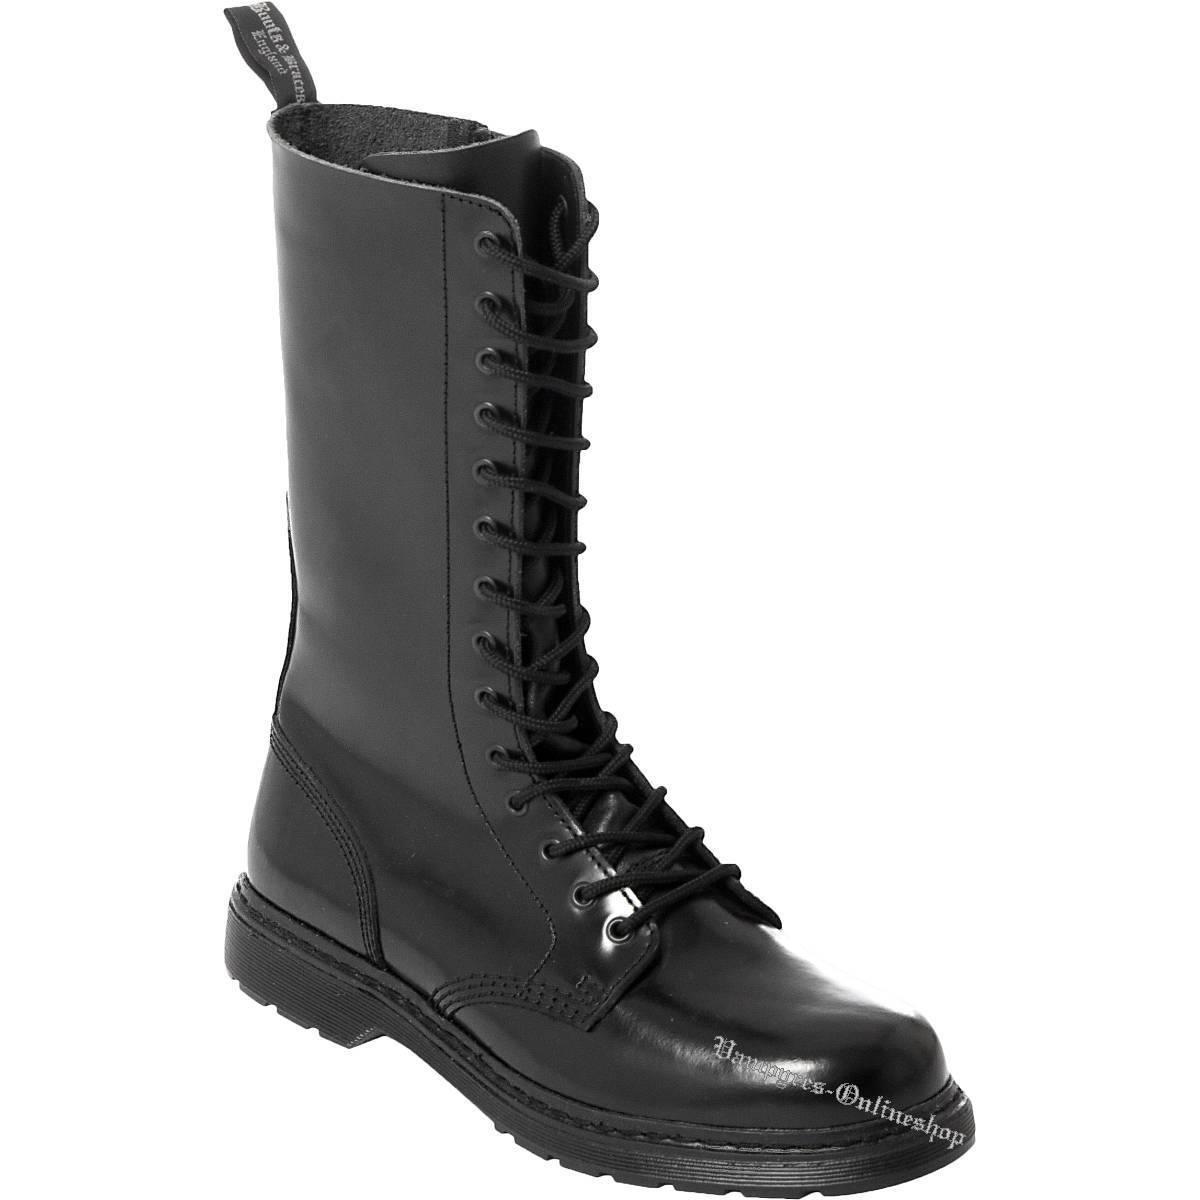 Grandes zapatos con descuento Boots And Braces Easy 14-Loch Schwarz RV mit Reißverschluss Leder Stiefel Schuhe